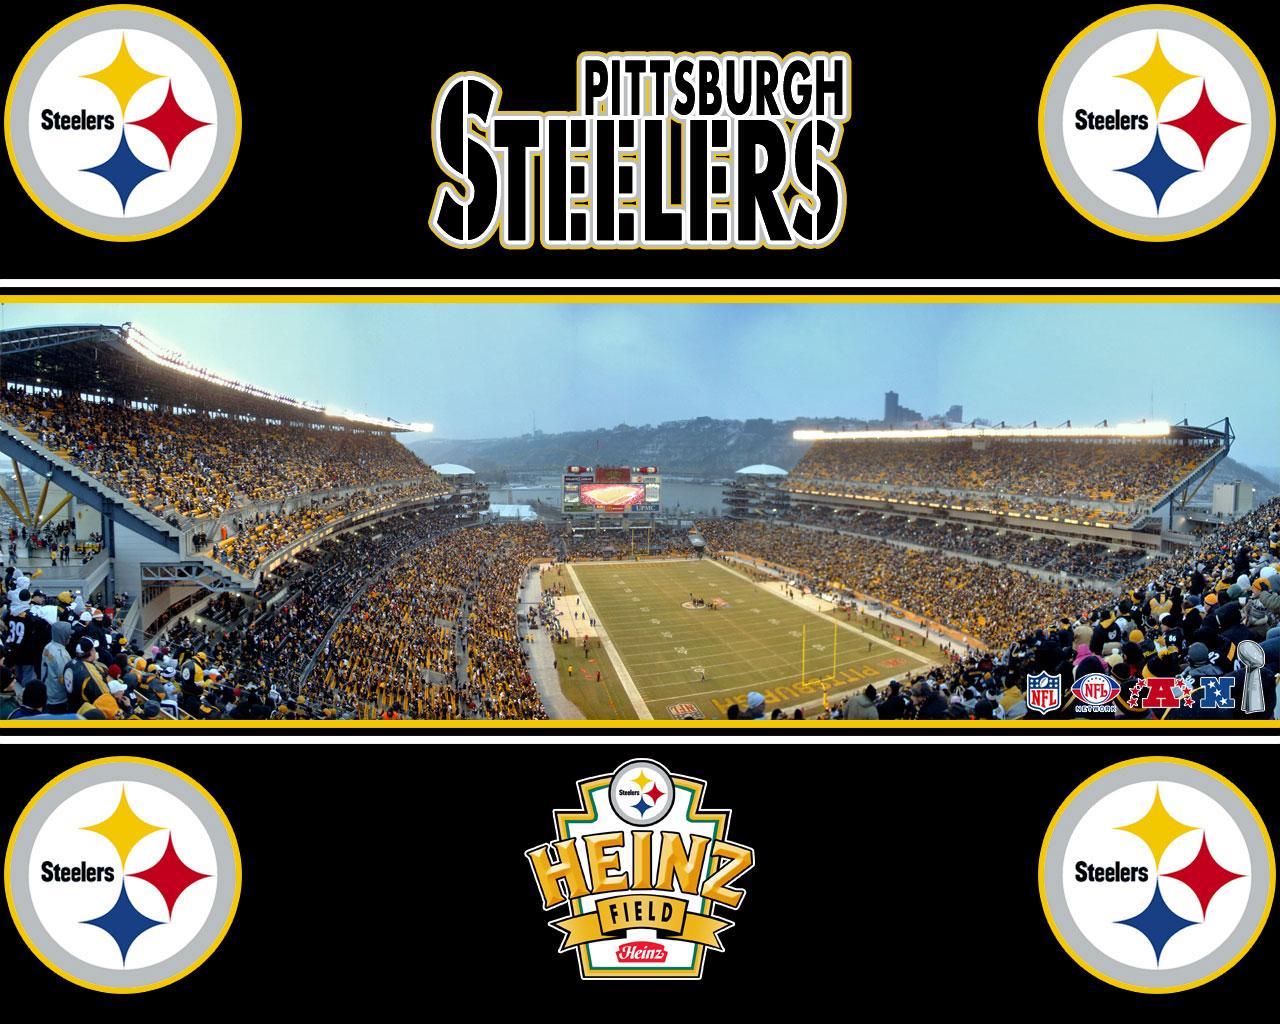 Pittsburgh Steelers Live Wallpaper - WallpaperSafari